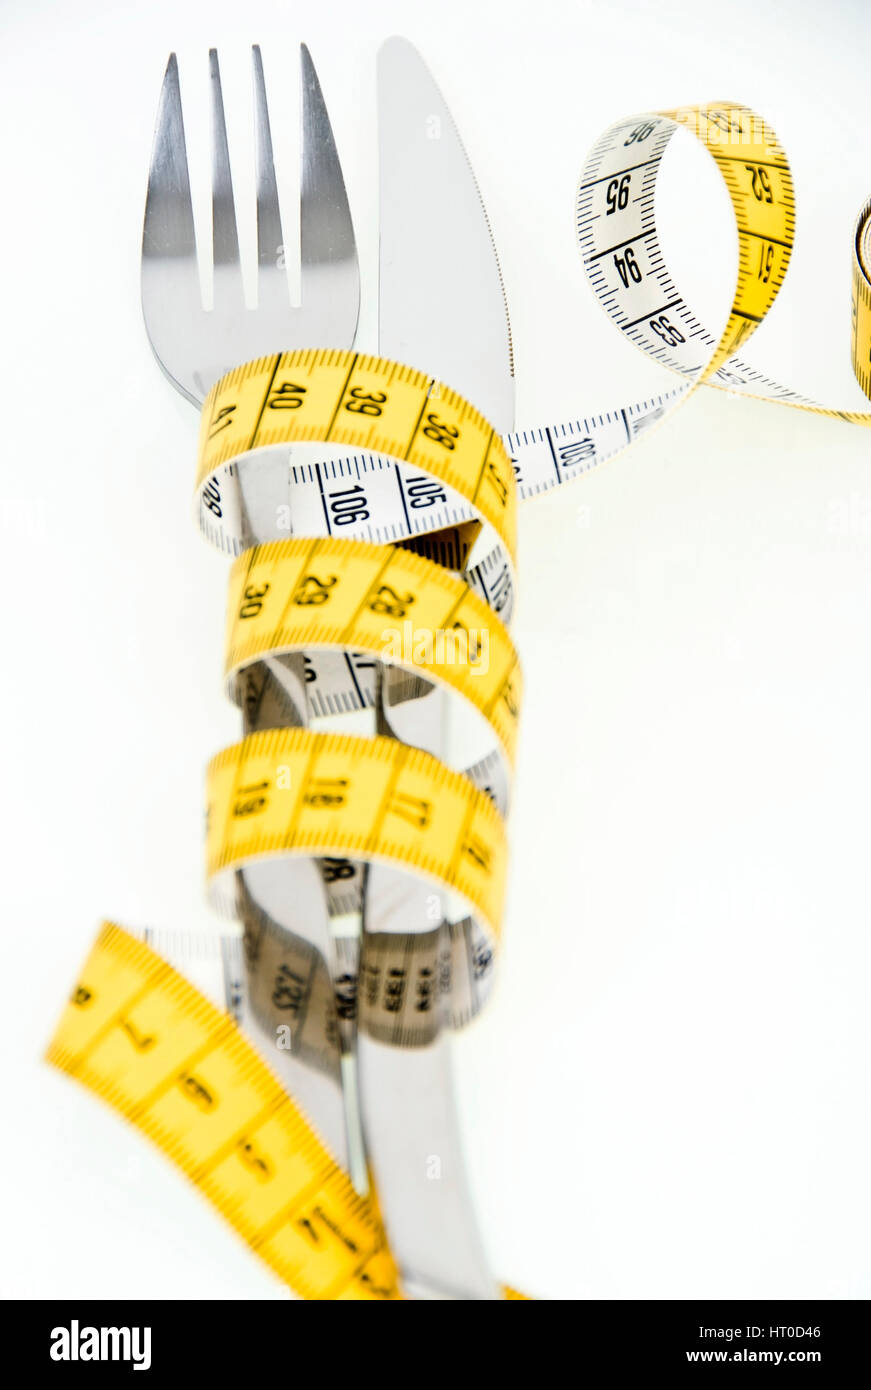 Symbolbild Di?t, Ma? band um Messer Und Gabel Gewickelt - symbolisch für Ernährung Stockbild